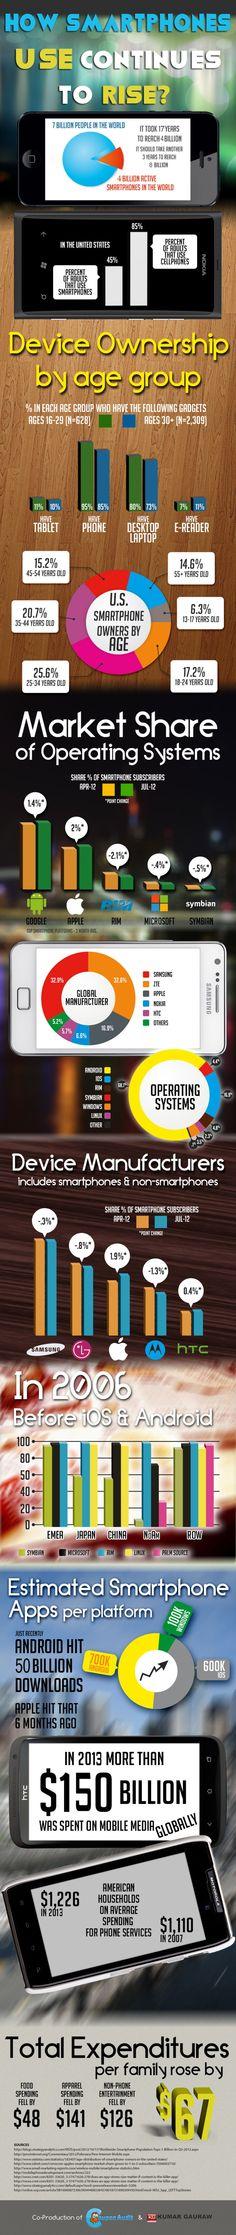 smartphone: a revolução está só começando [Infographic]